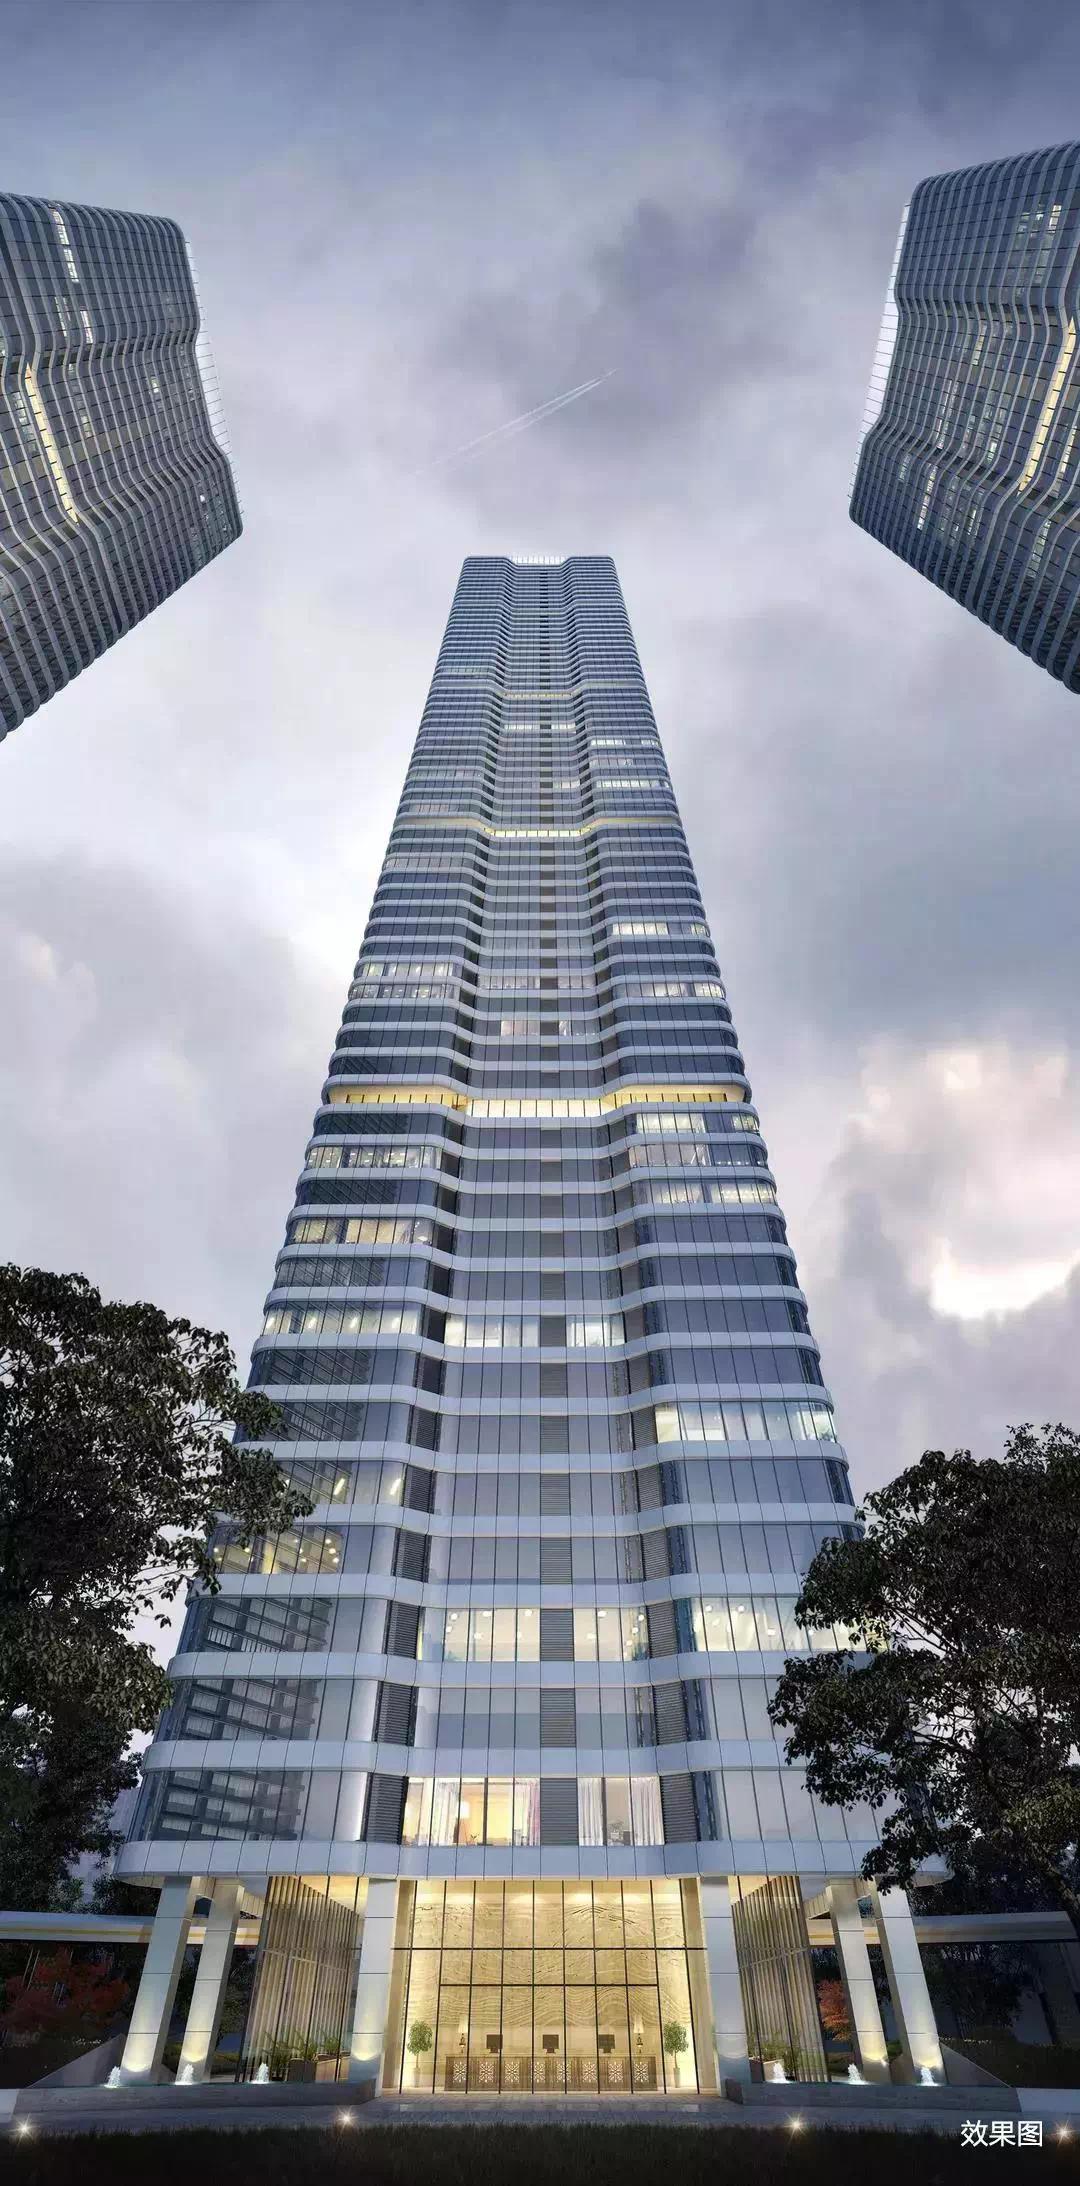 揭秘!世界的顶级豪宅都长什么样?